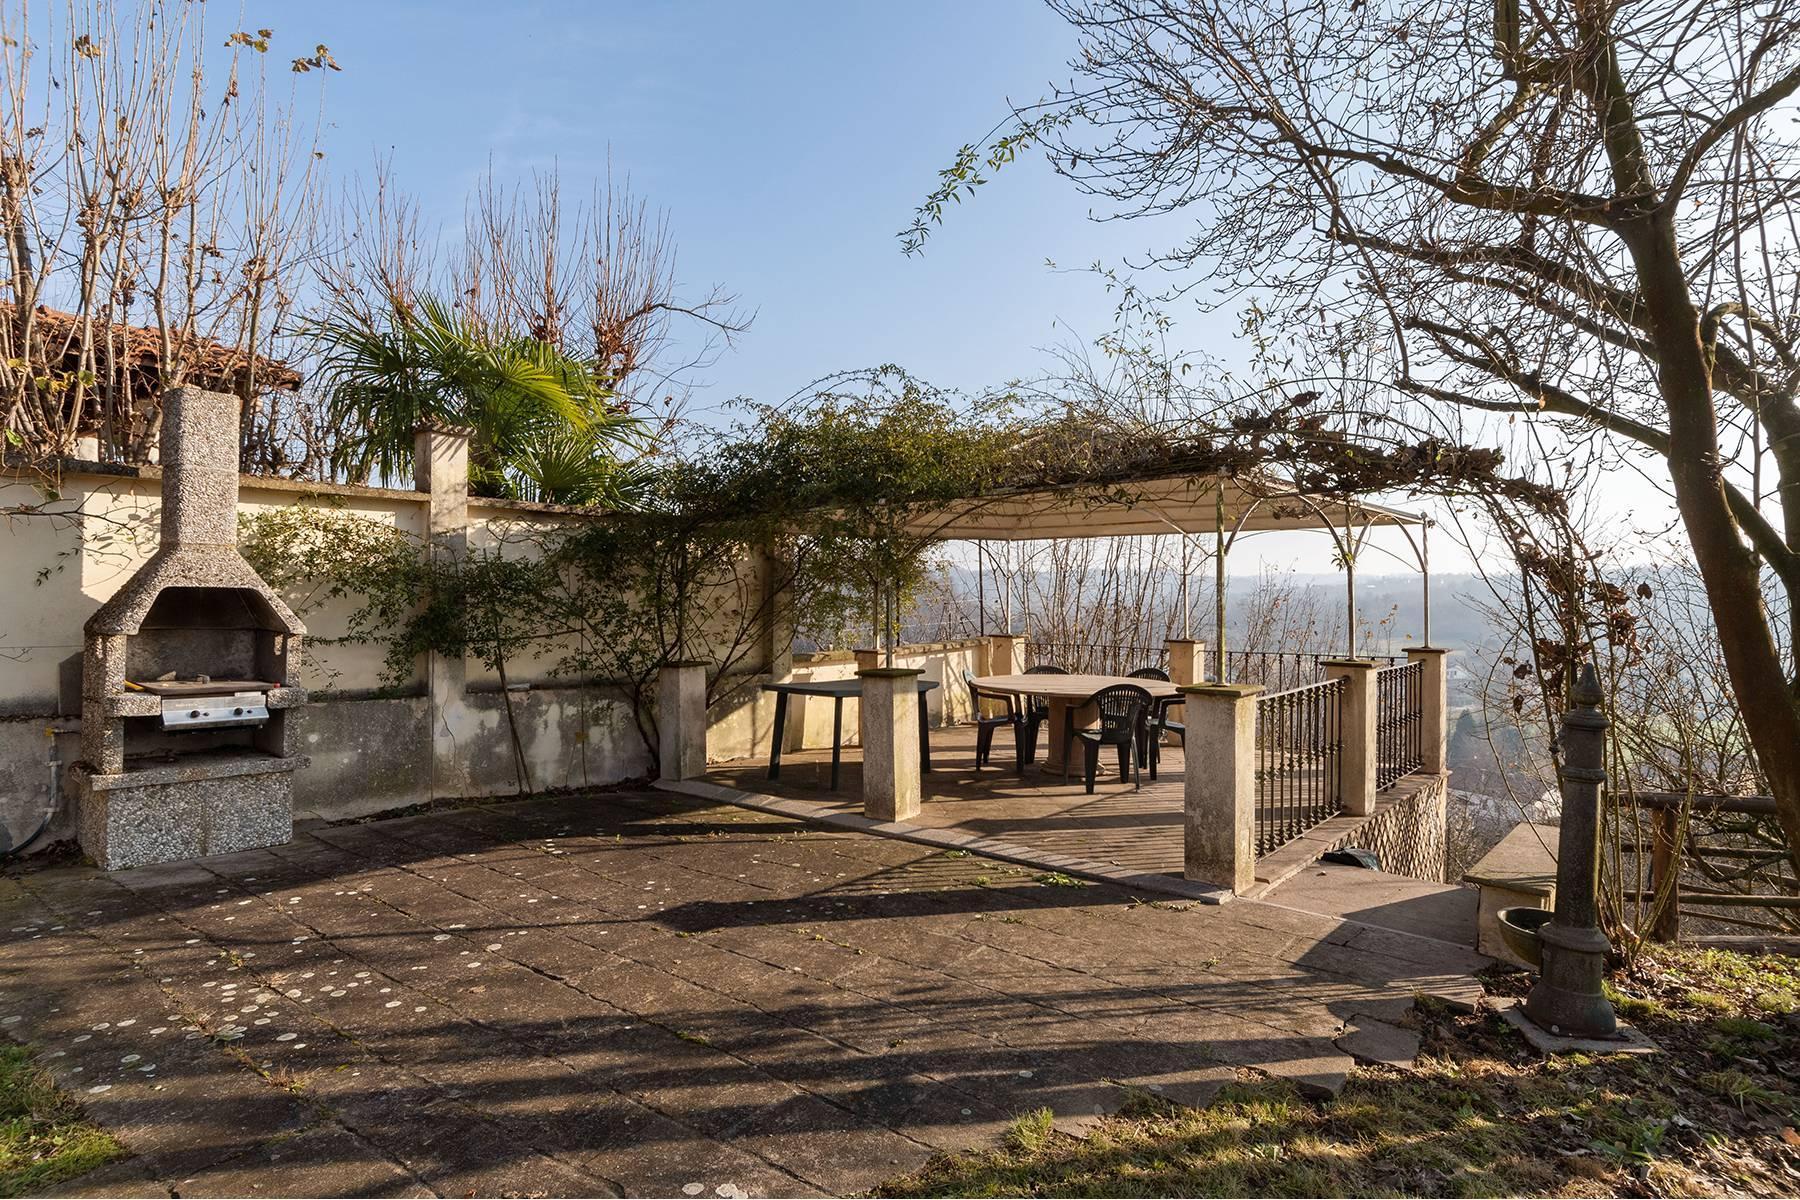 Villa mit Blick auf die Roero Gegend - 5